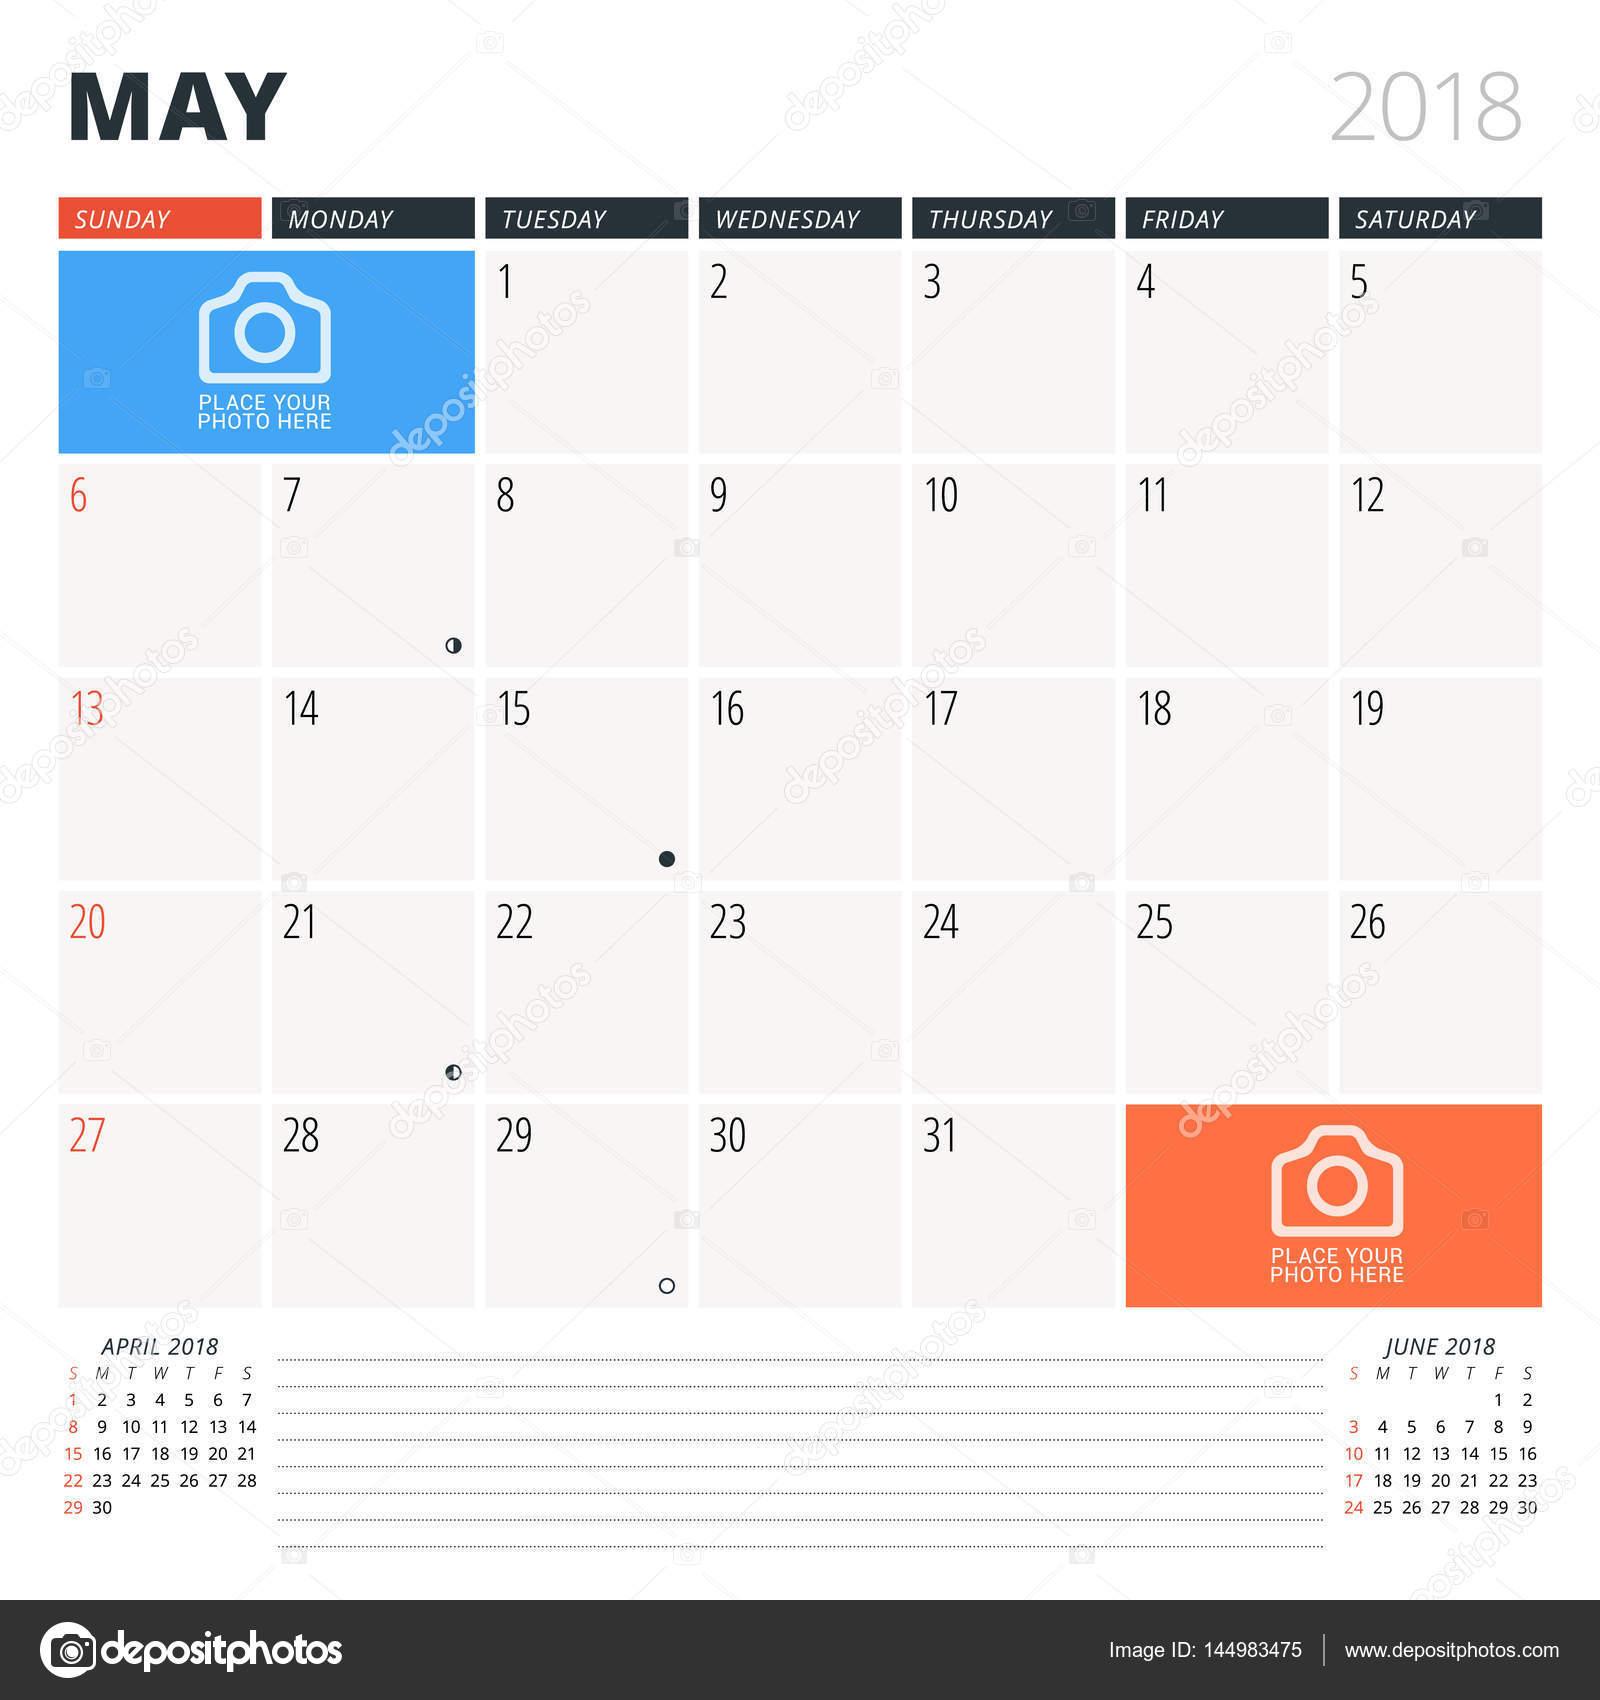 Calendrier Planificateur Pour Mai 2018 Modele De Conception La